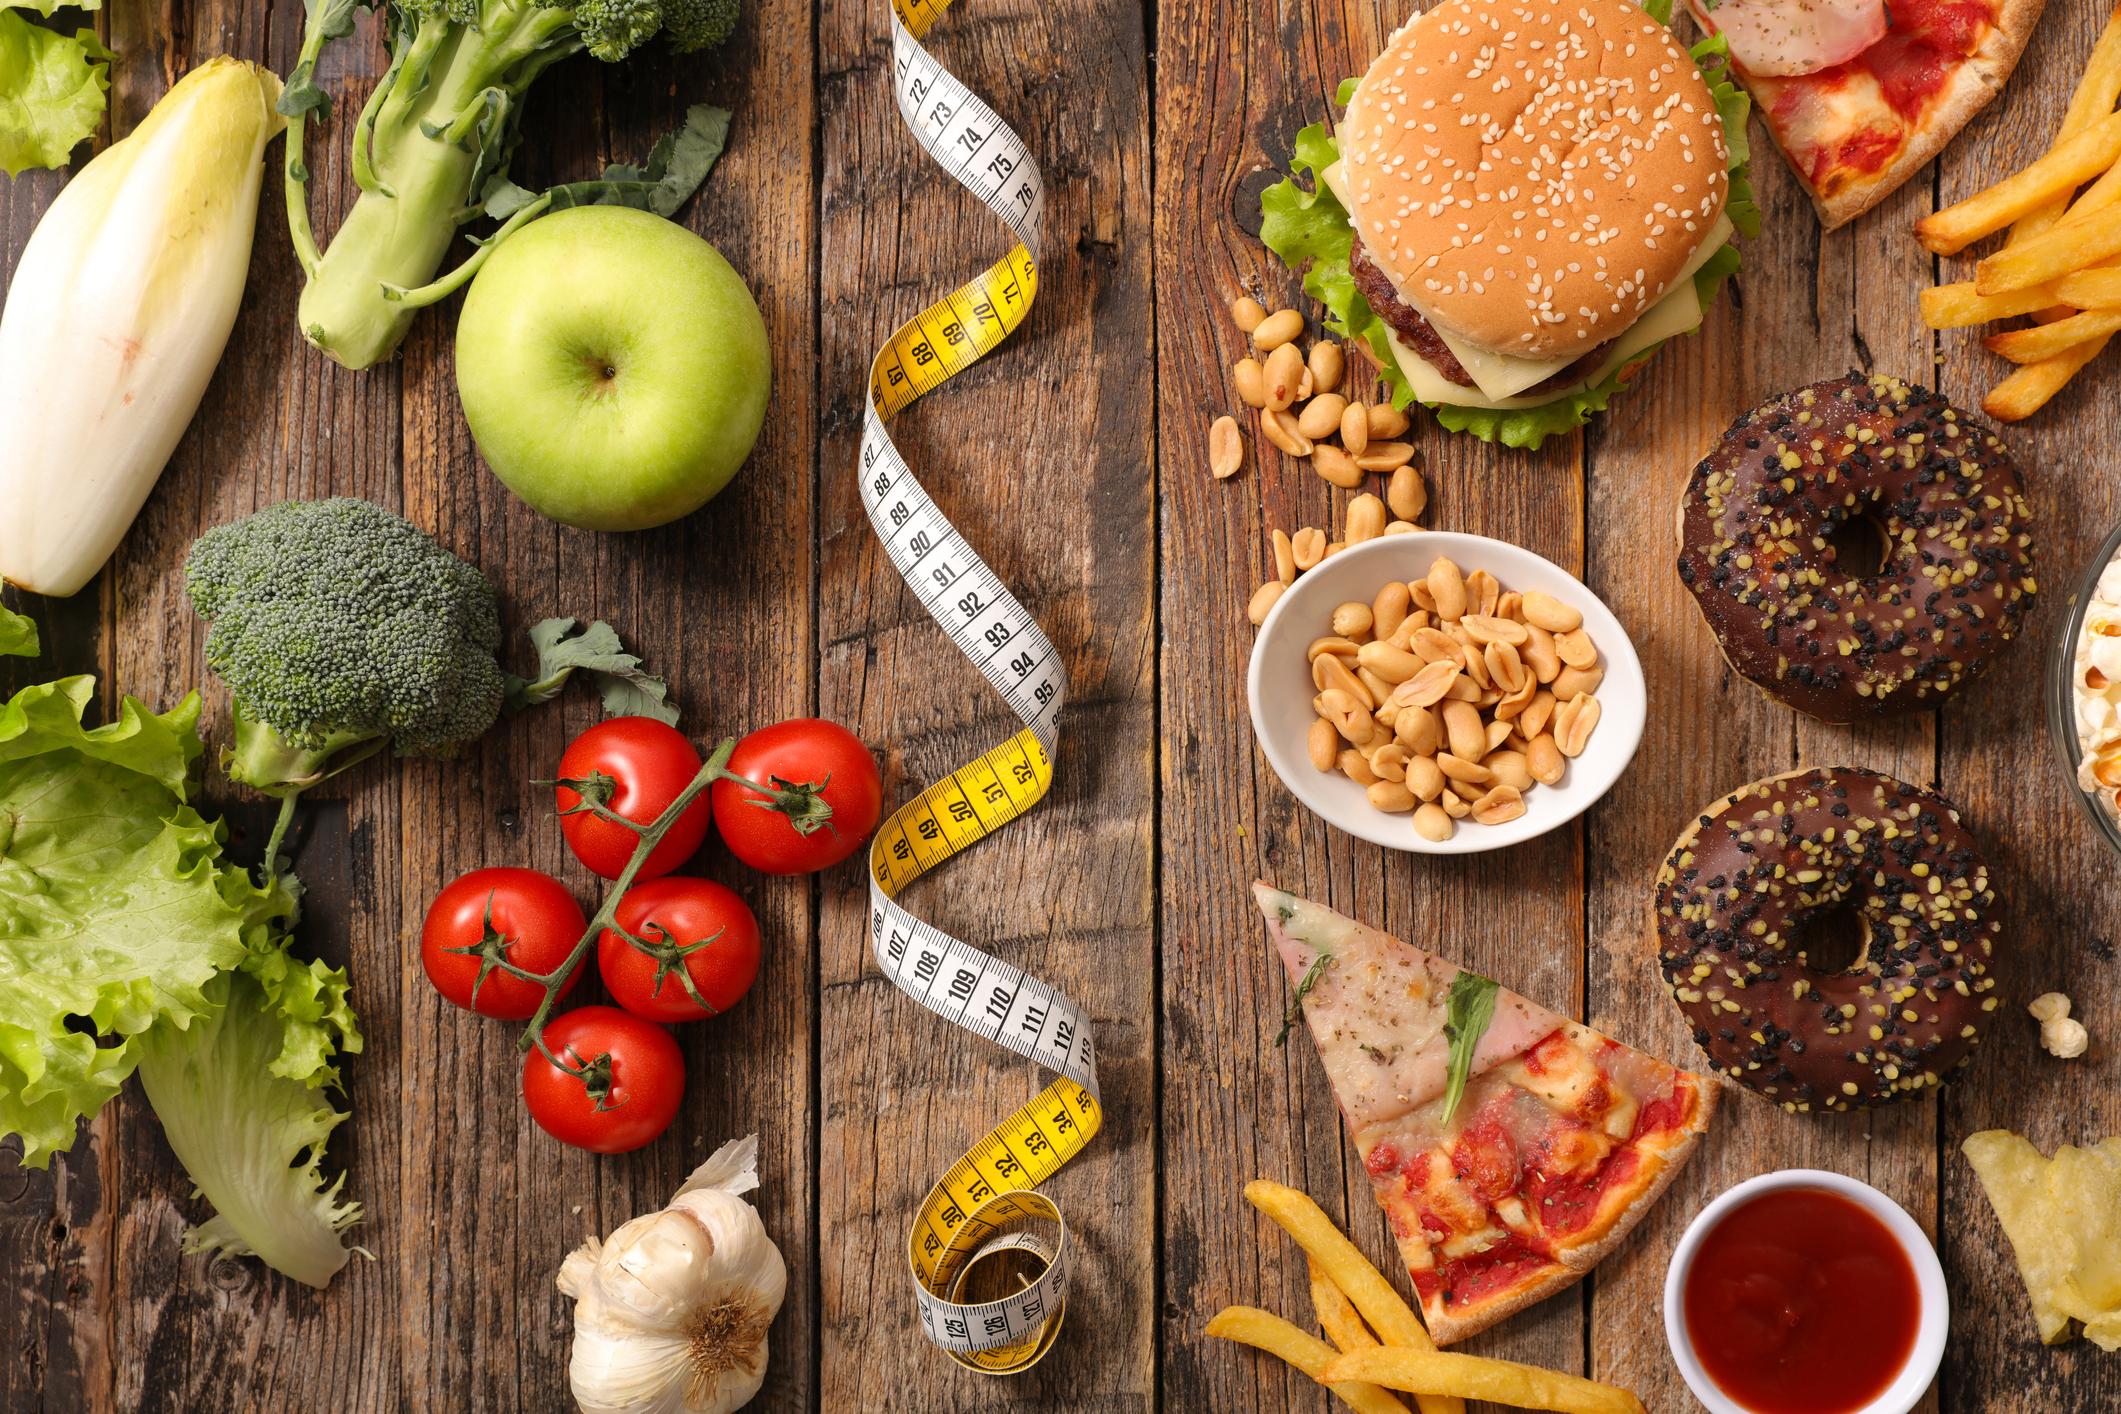 O primeiro passo para que a dieta dê certo é realmente querer mudar os hábitos. É um período de adaptação que requer acompanhamento profissional, vontade e paciência, principalmente se há uma mudança drástica no cardápio.